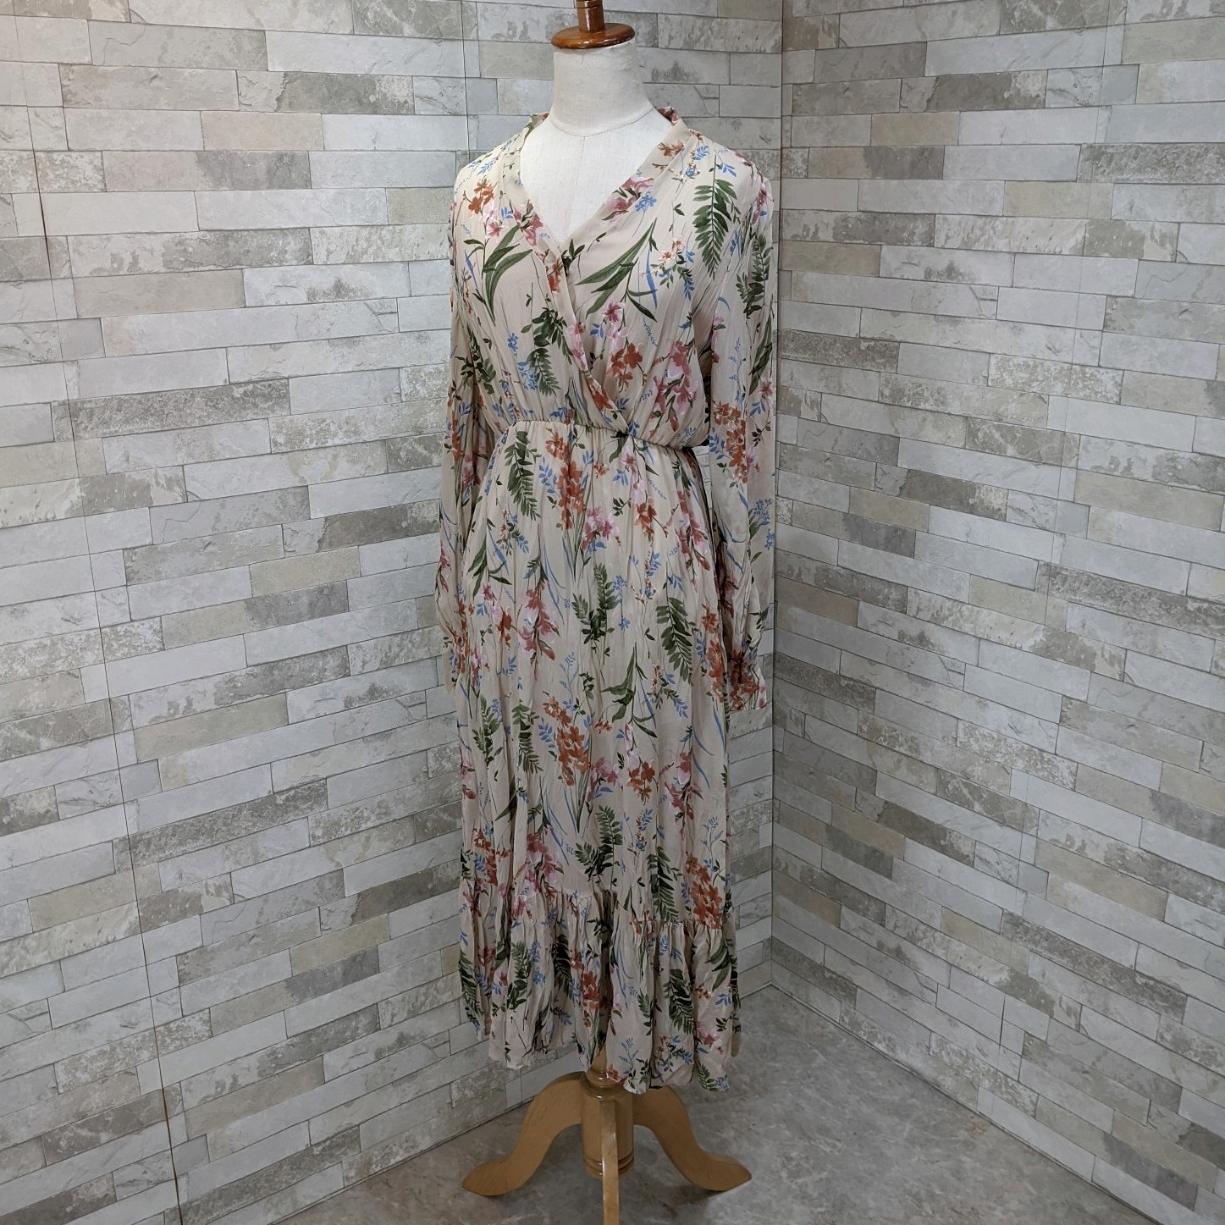 韓国 ファッション ワンピース 夏 春 カジュアル PTXH422  シアー シフォン風 エレガント 着回し オルチャン シンプル 定番 セレカジの写真15枚目